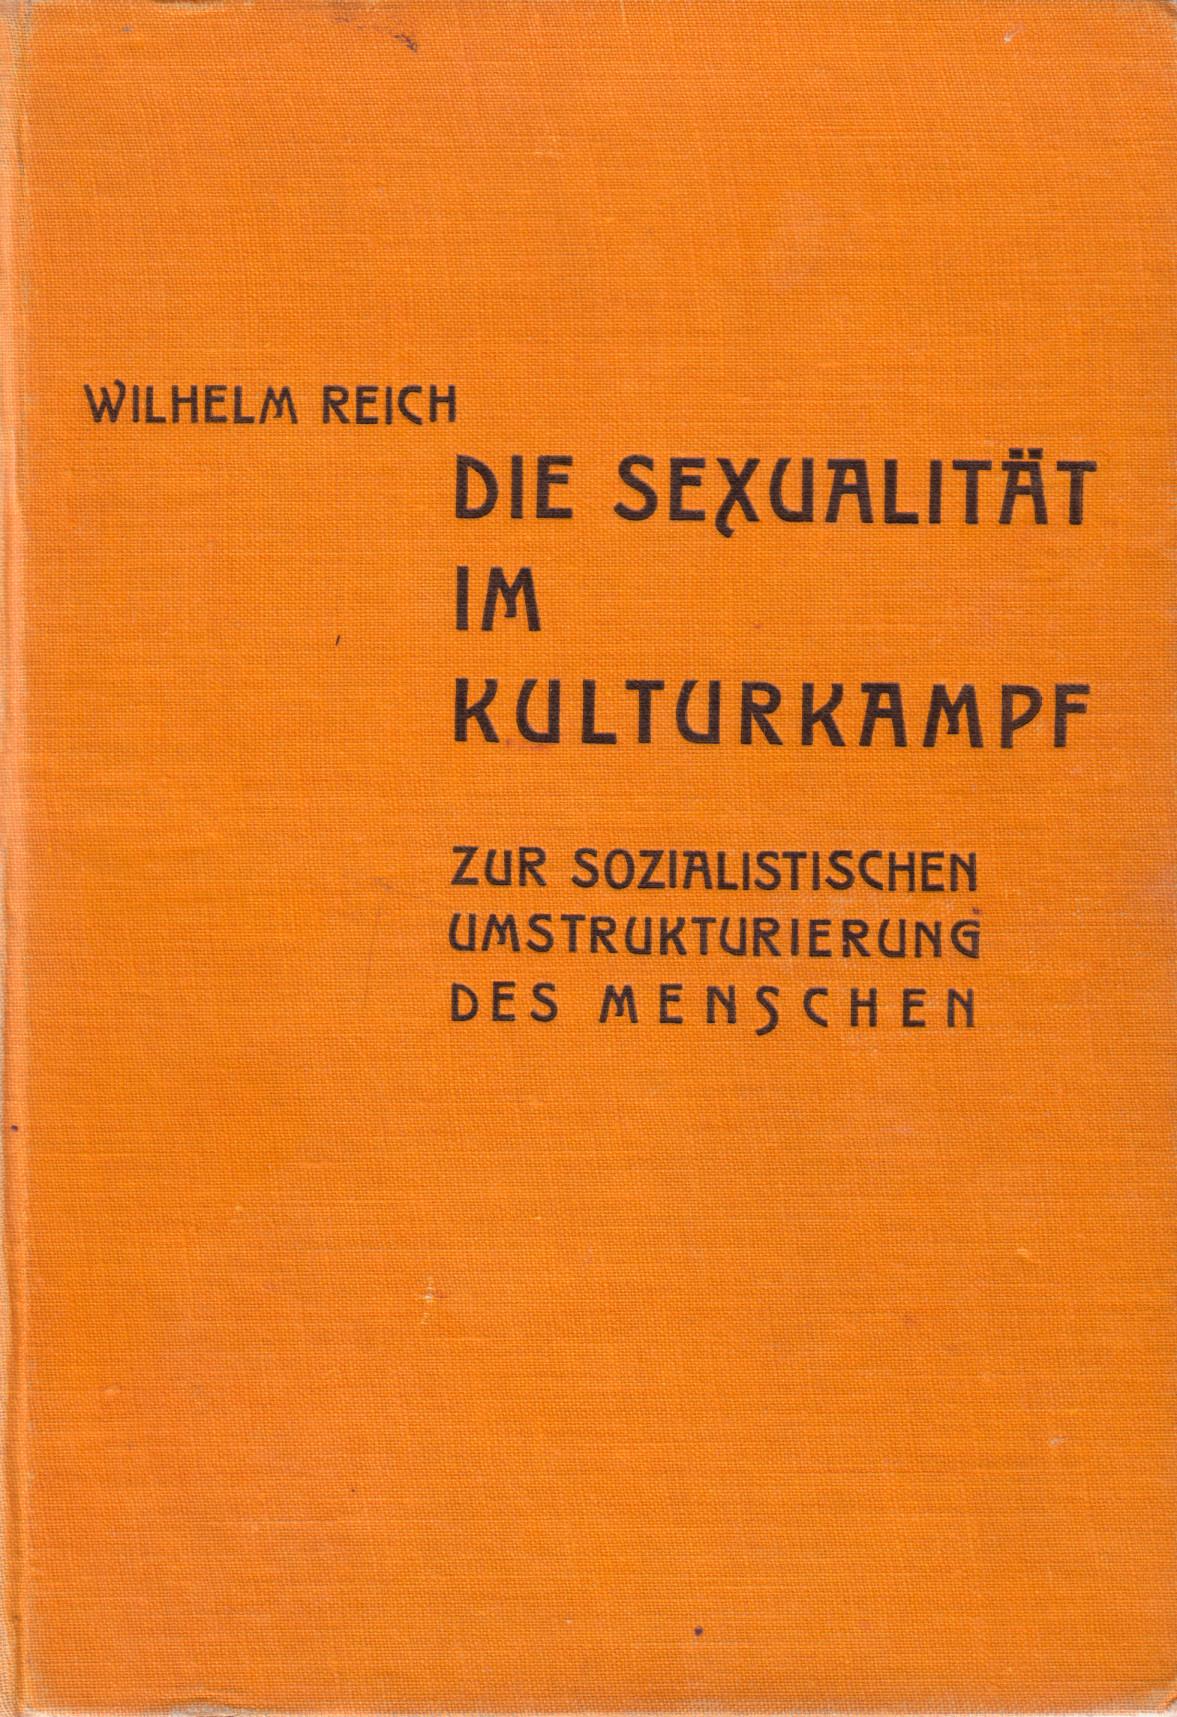 Die Sexualität im Kulturkampf